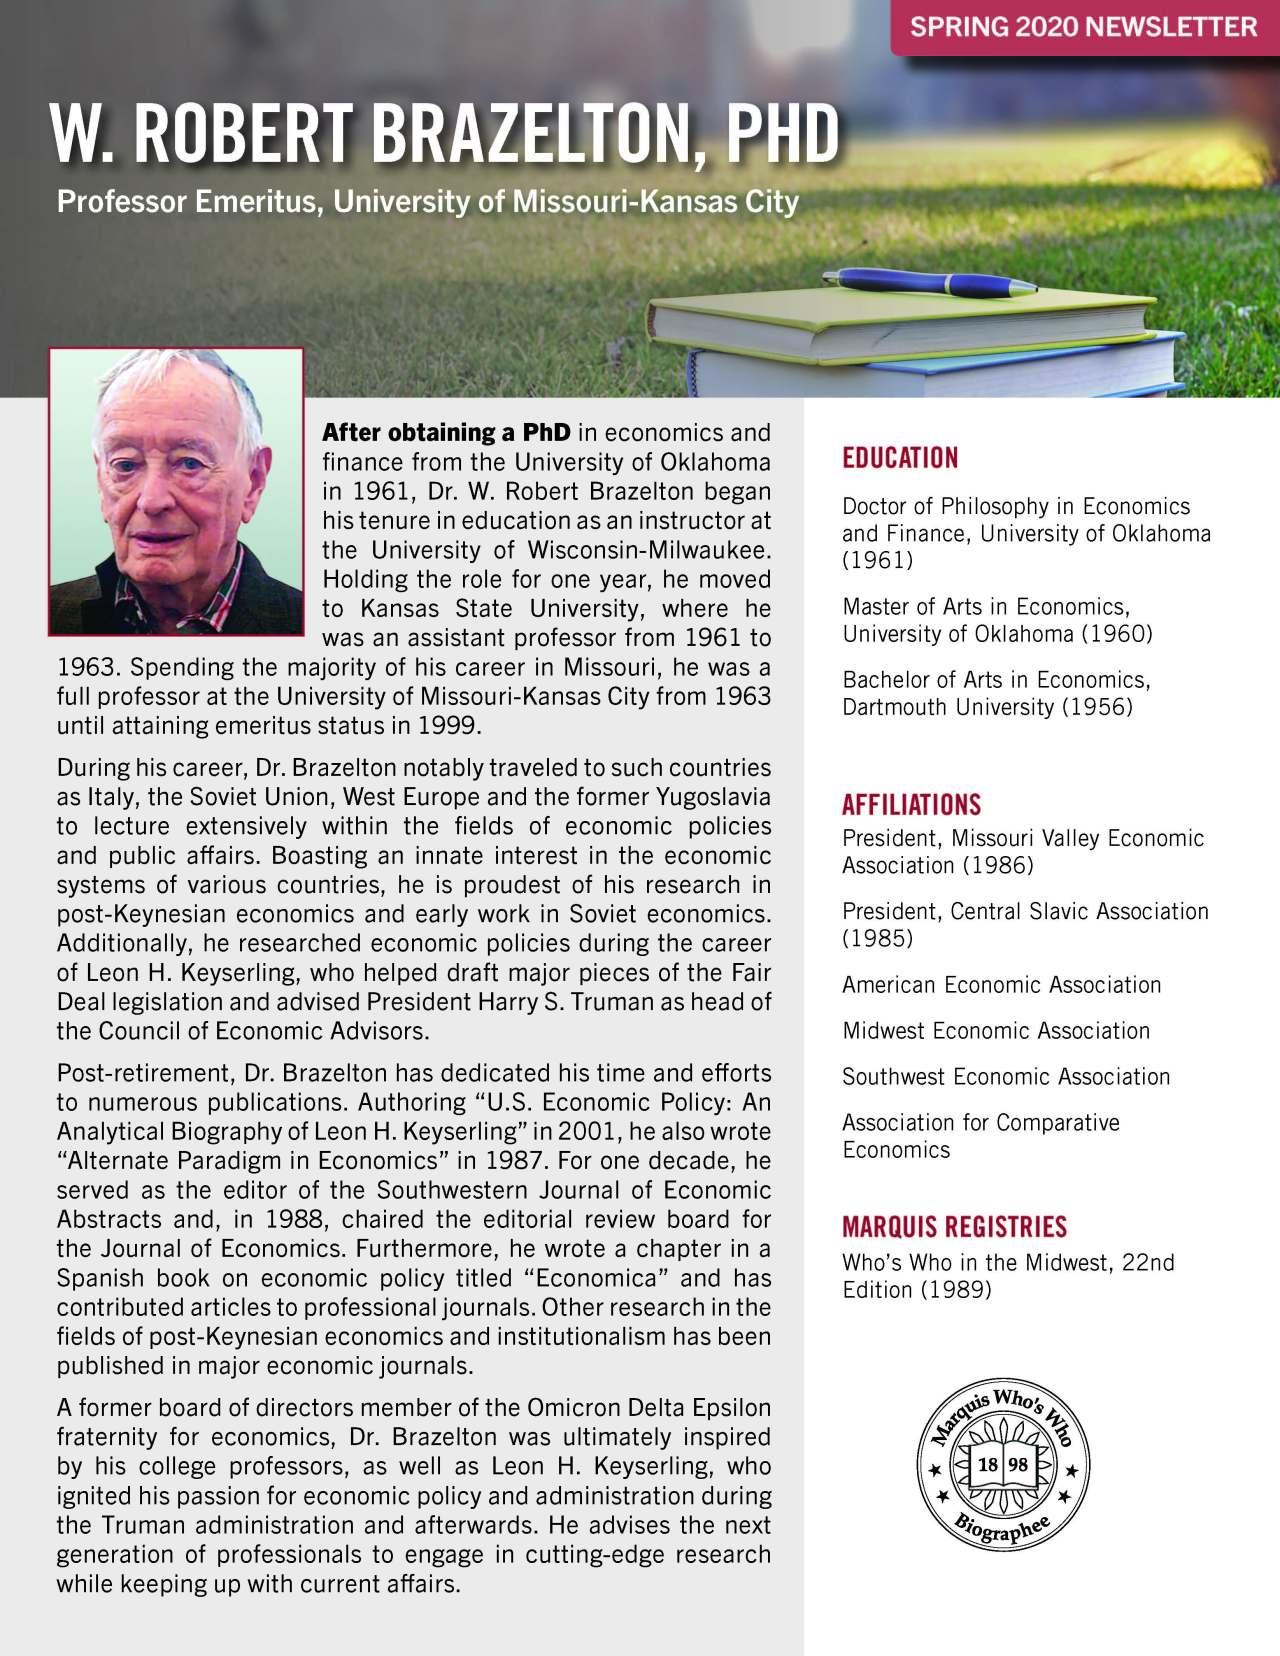 Brazelton, W. Robert 4335730_17083981 Newsletter